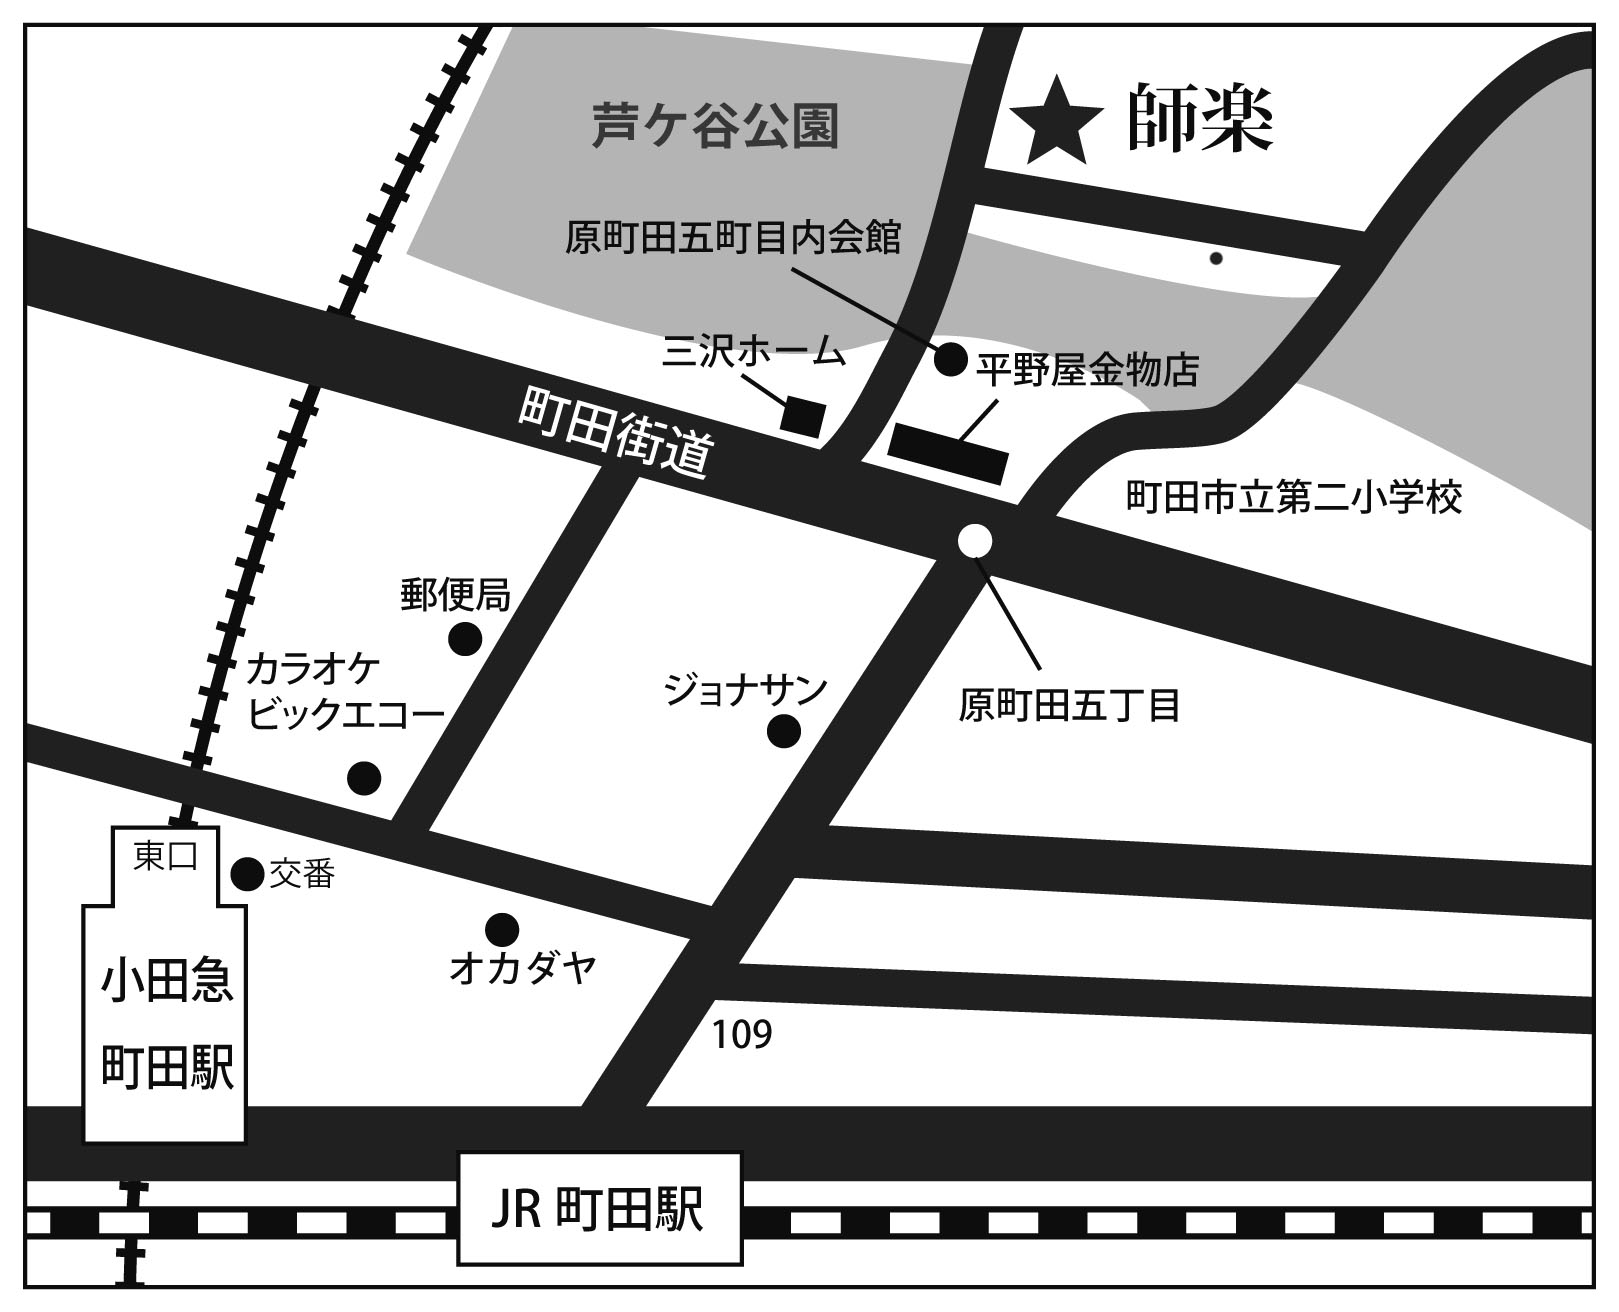 東京・神奈川/町田/相模原地図